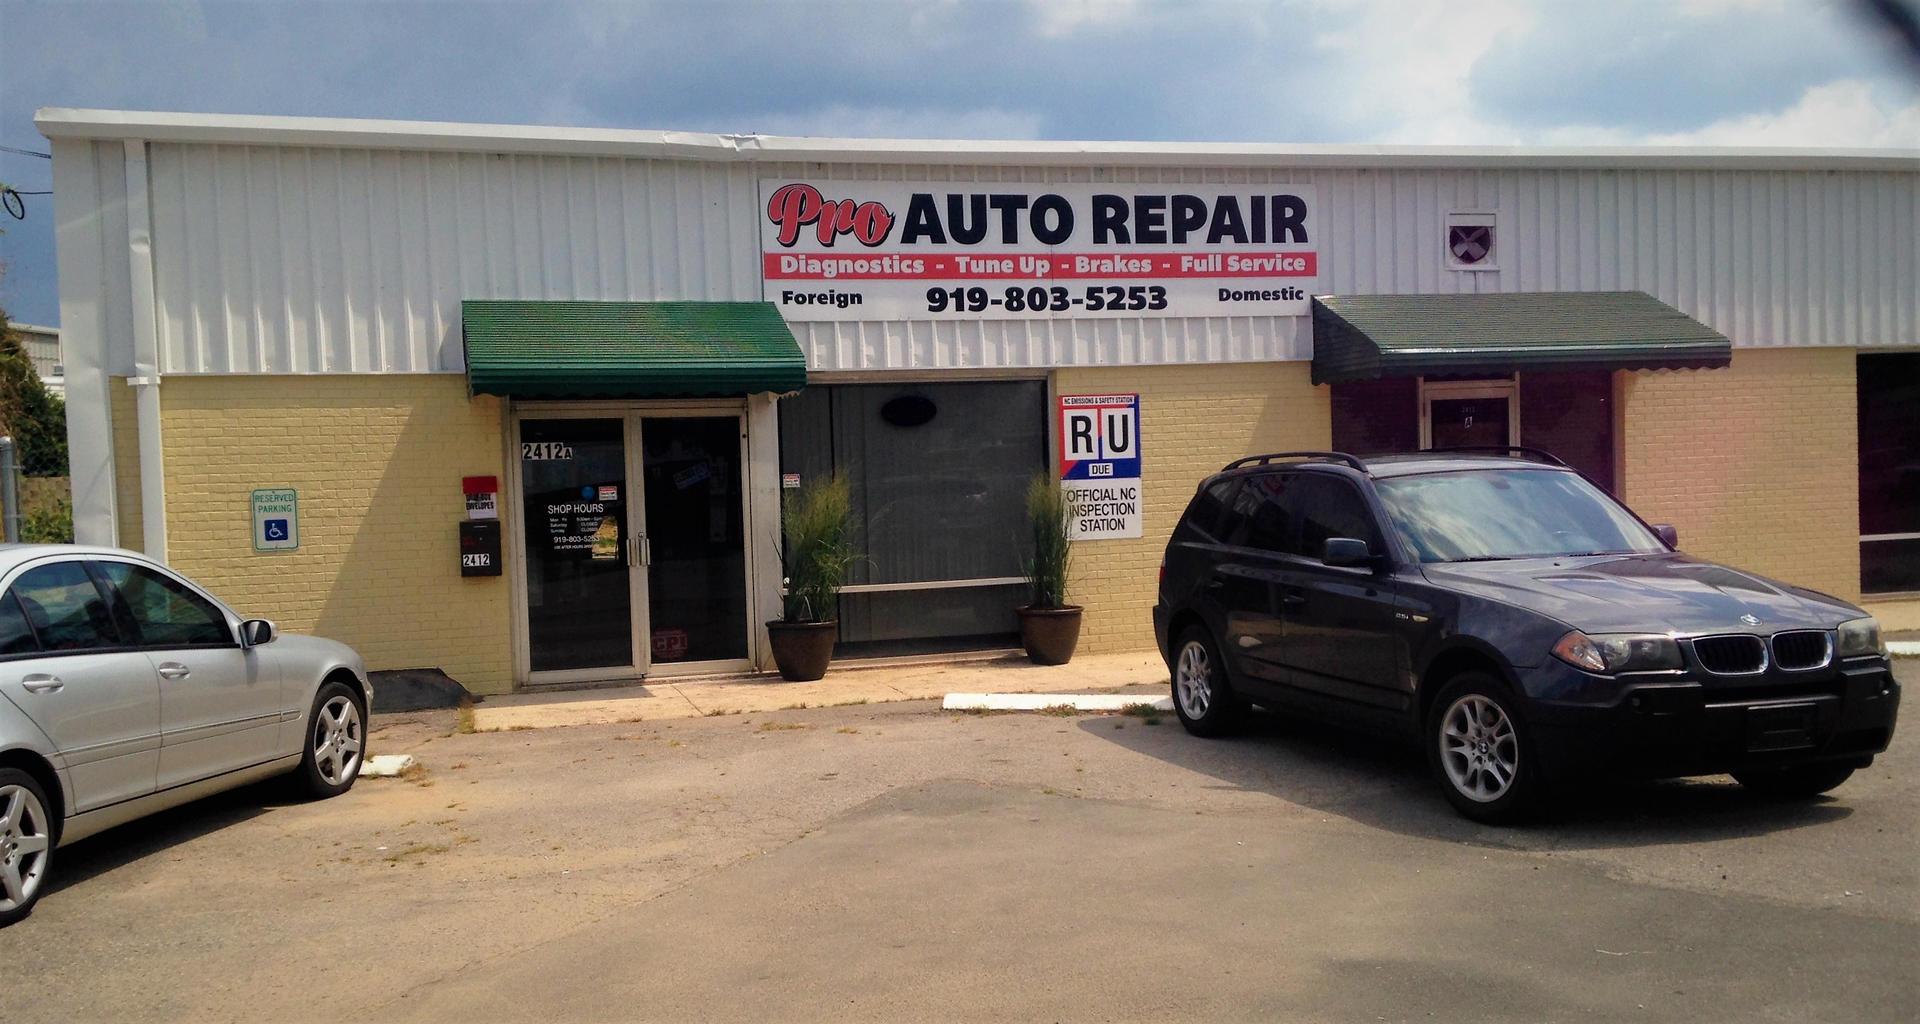 Pro Auto Repair image 7